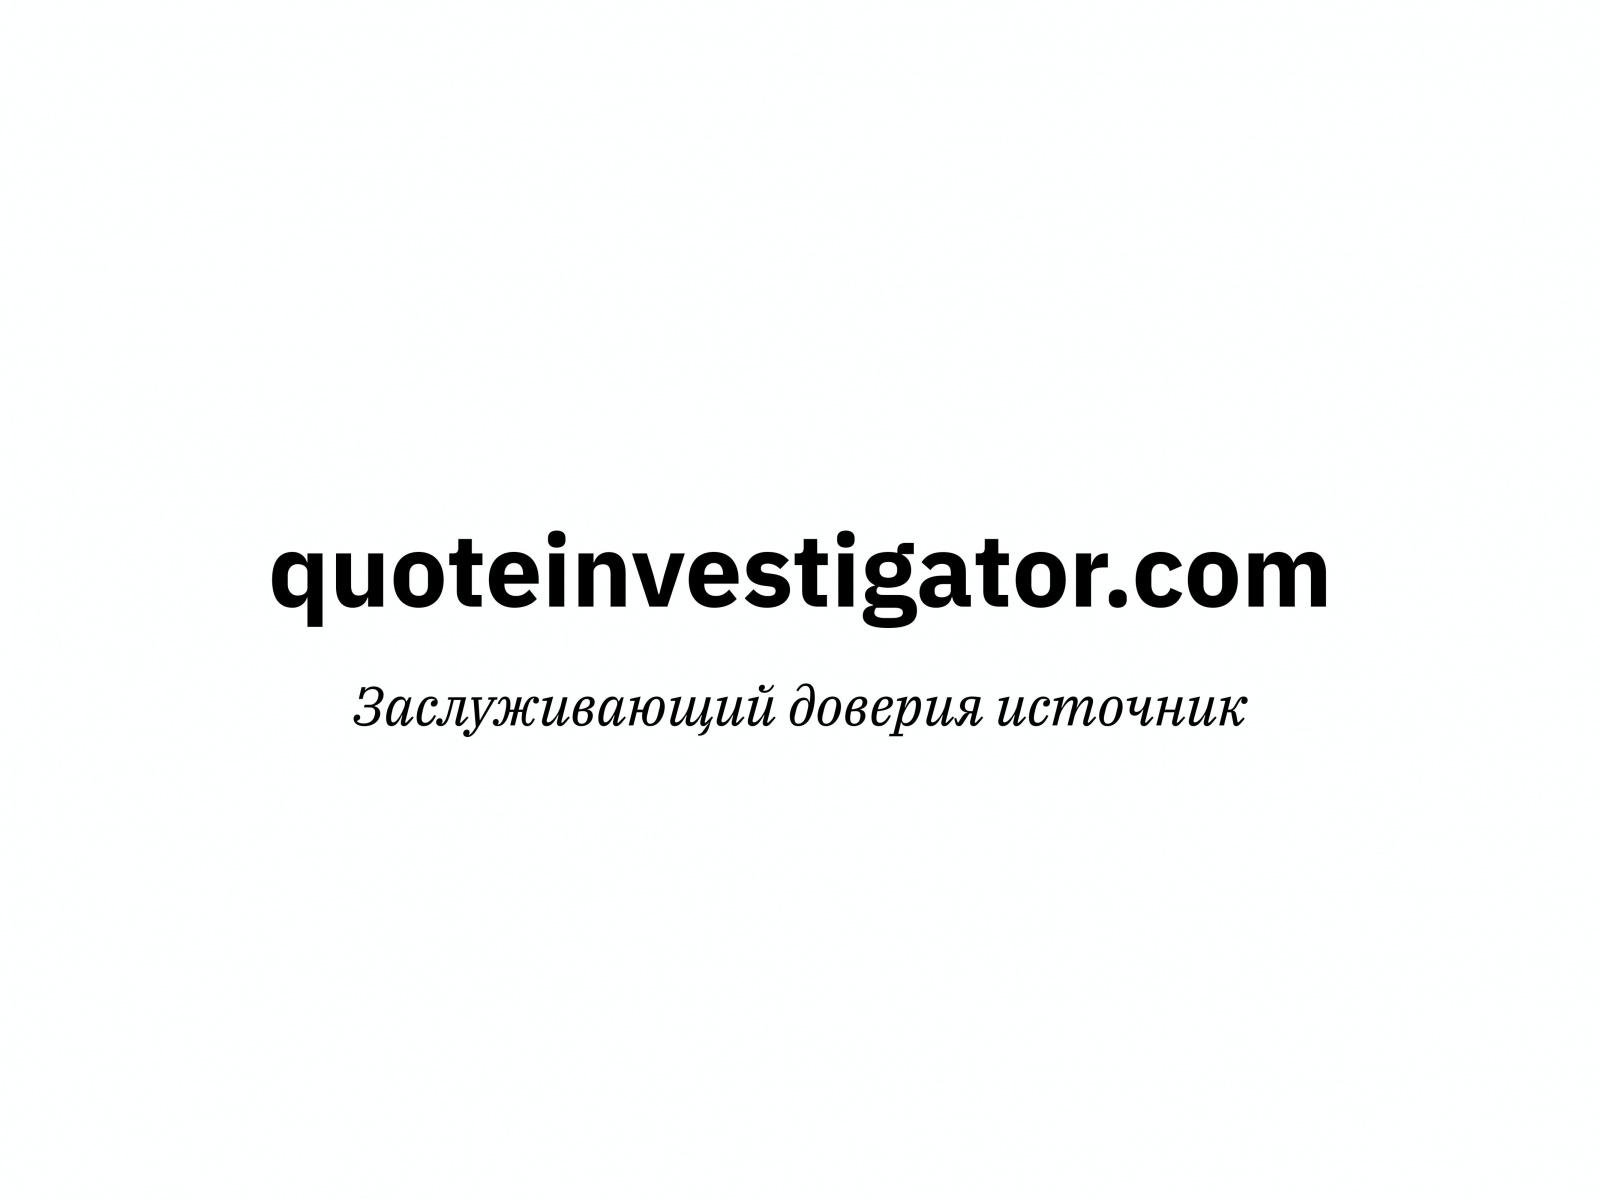 Алексей Каптерев: Критическое мышление 101 (часть 2) - 43